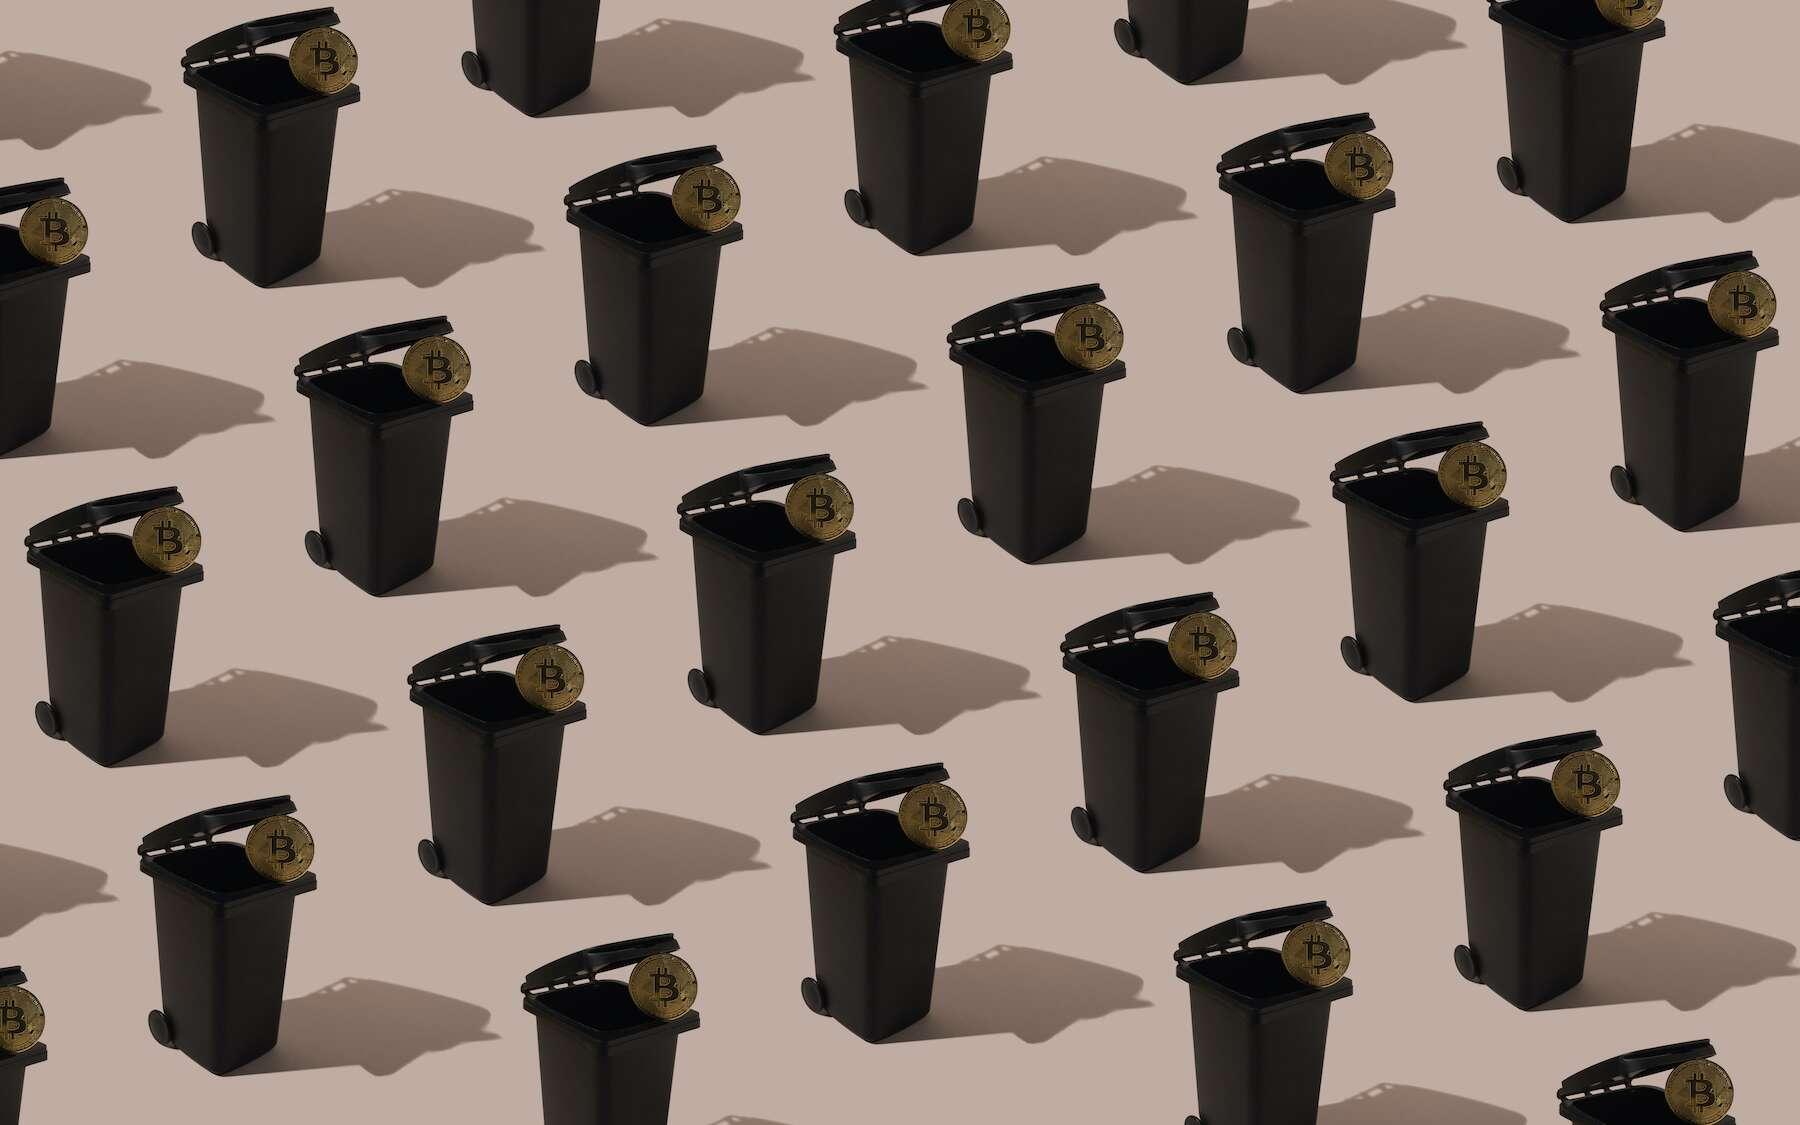 Le minage de bitcoin aboutit à un gigantesque gaspillage de matériel informatique. © Zoran, Adobe Stock